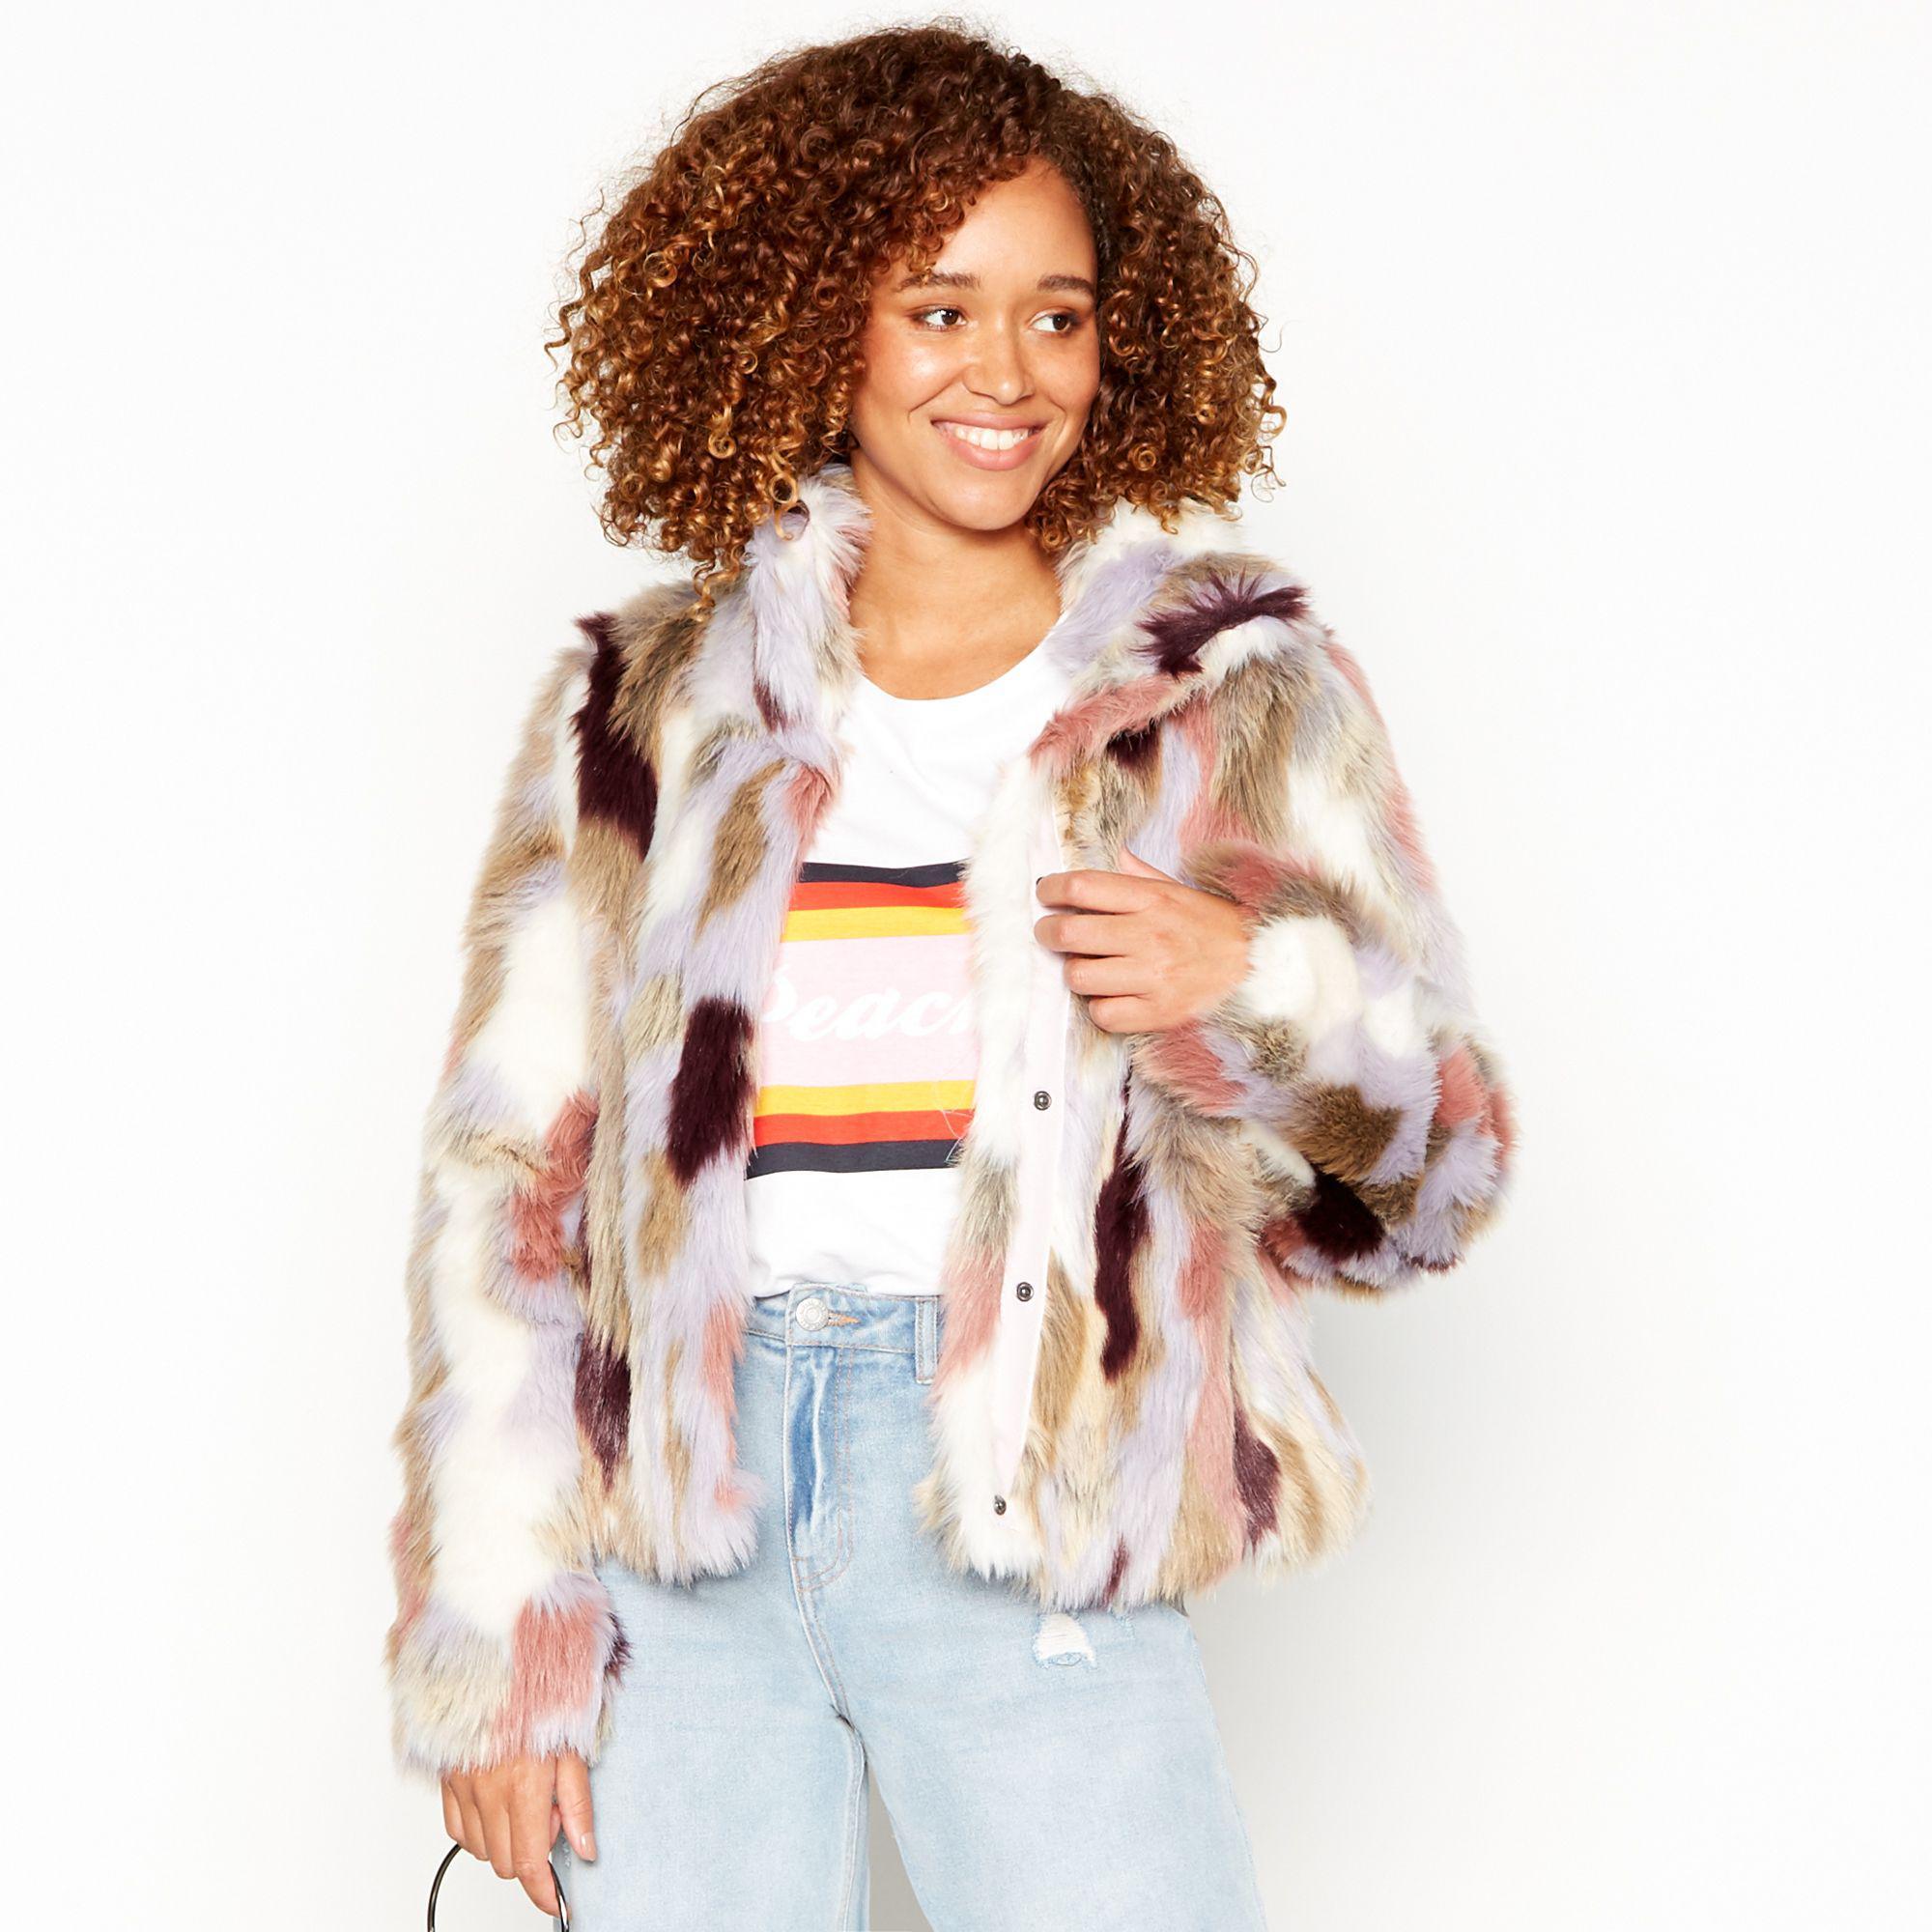 a10f2608dc7 Vila Multicoloured 'viveria' Faux Fur Jacket - Lyst